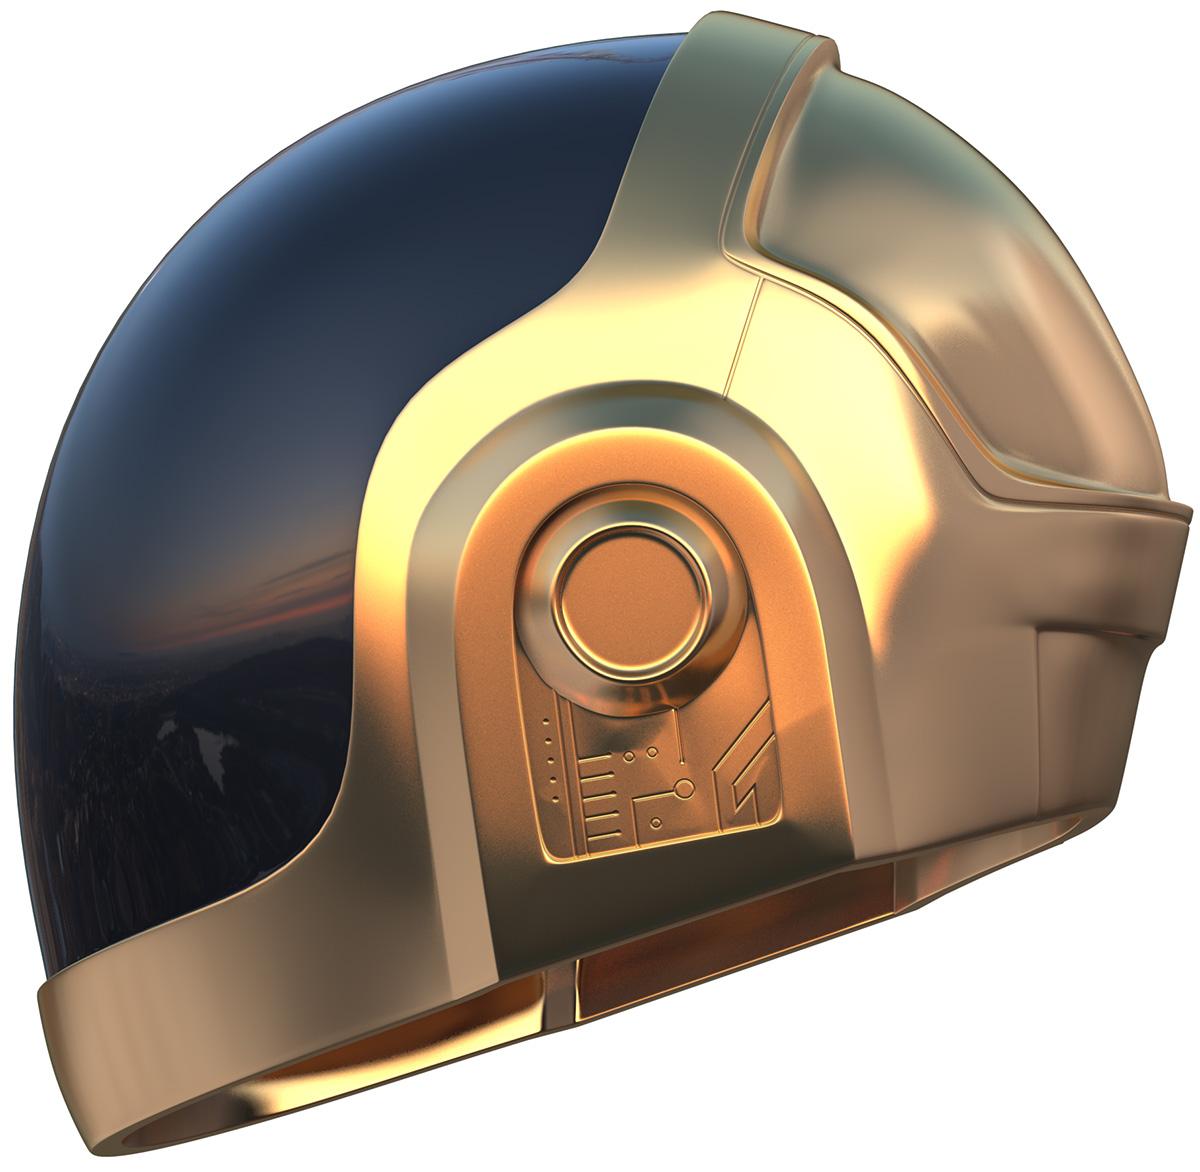 Daft Punk_Hemlet_free dwload